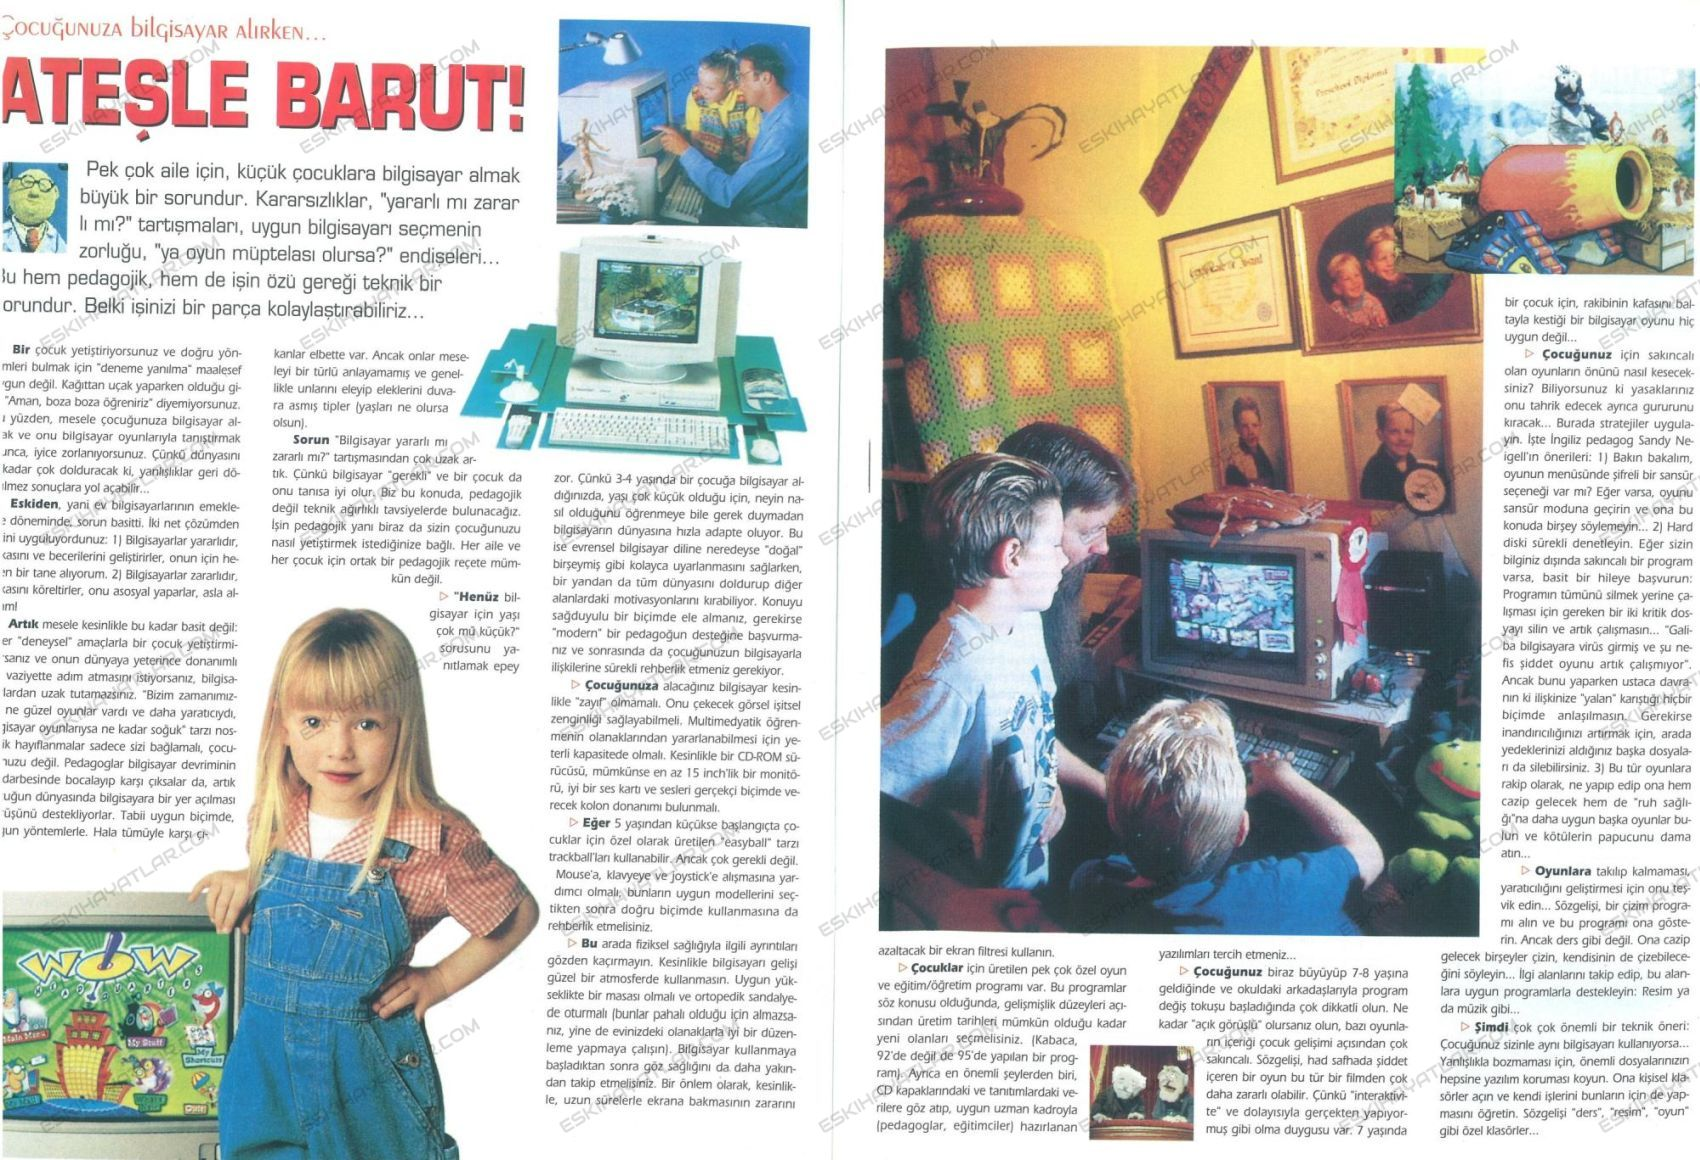 0277-doksanli-yillarin-bilgisayar-oyunlari-1996-yilinda-bilgisayar-markalari (8)